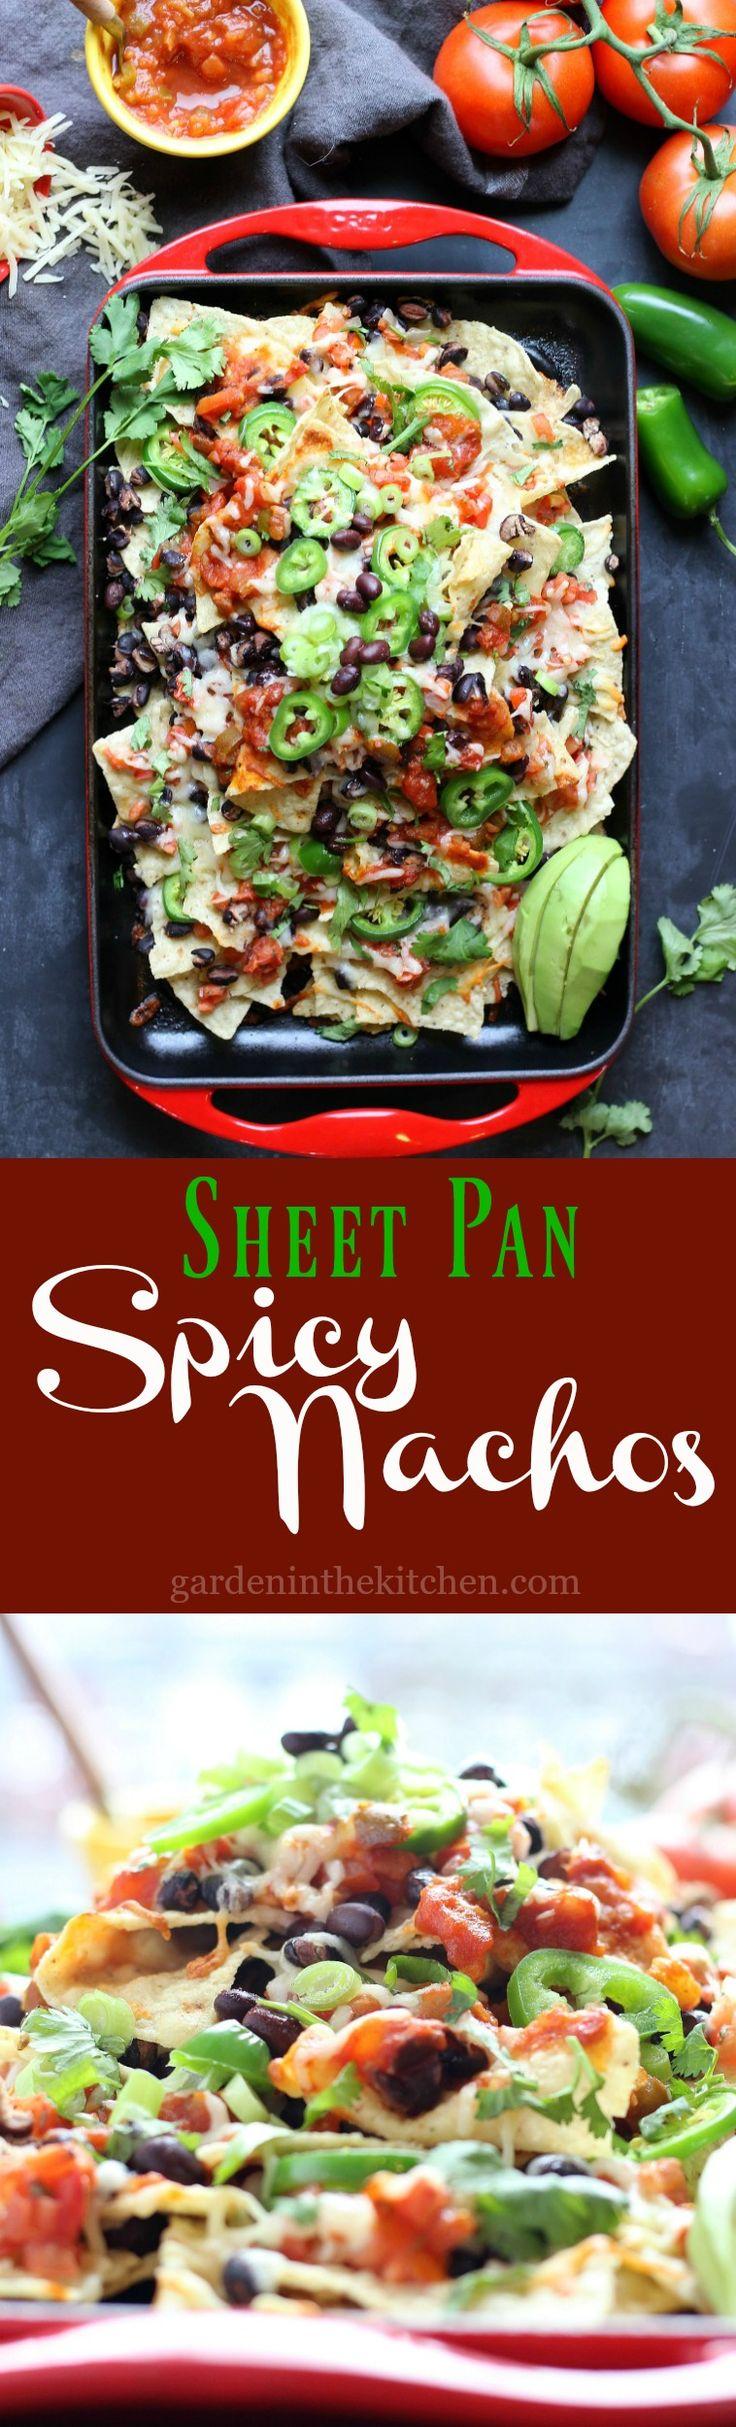 Sheet Pan Spicy Nachos | gardeninthekitchen.com